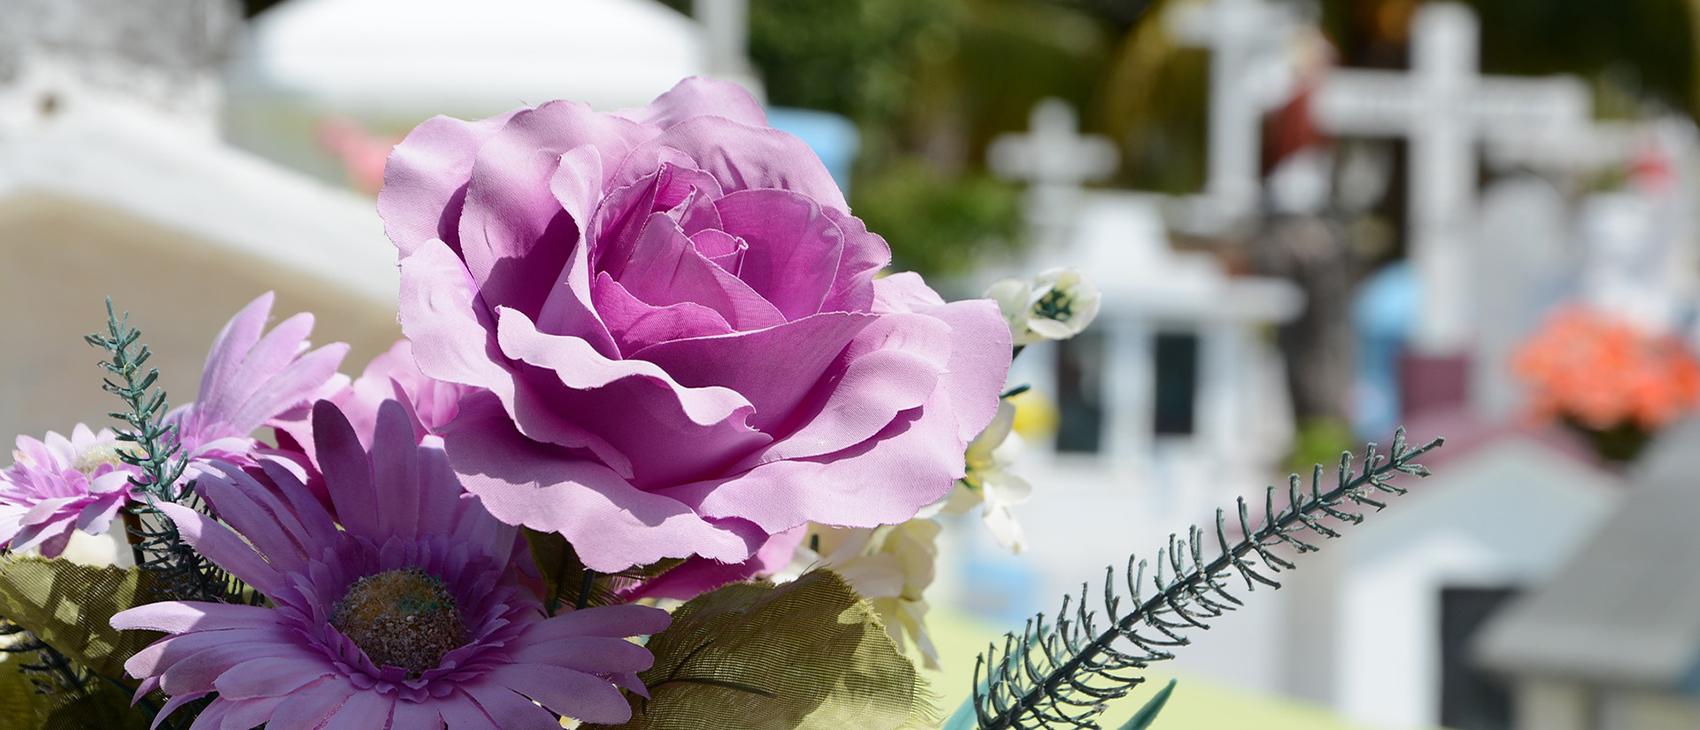 Entretien et fleurissement de tombes La Rose des Vents Ambon